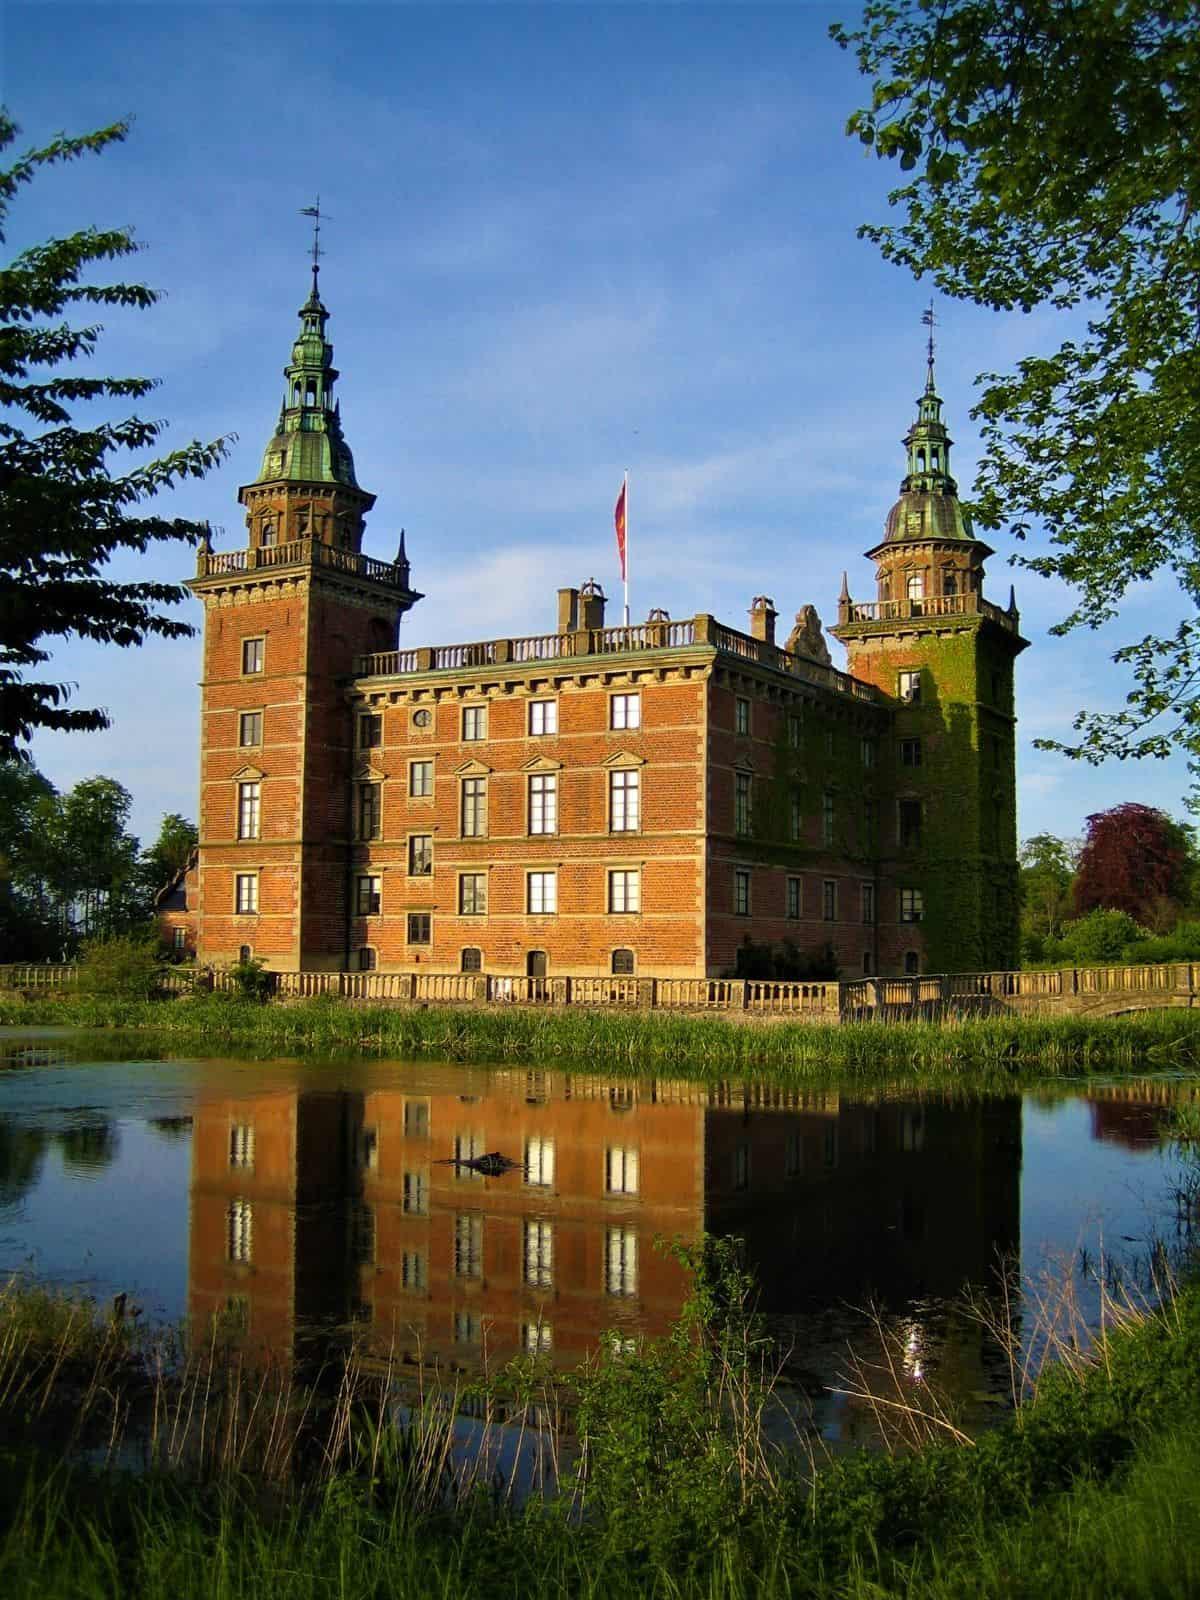 Ystad Marsvinsholms Slott